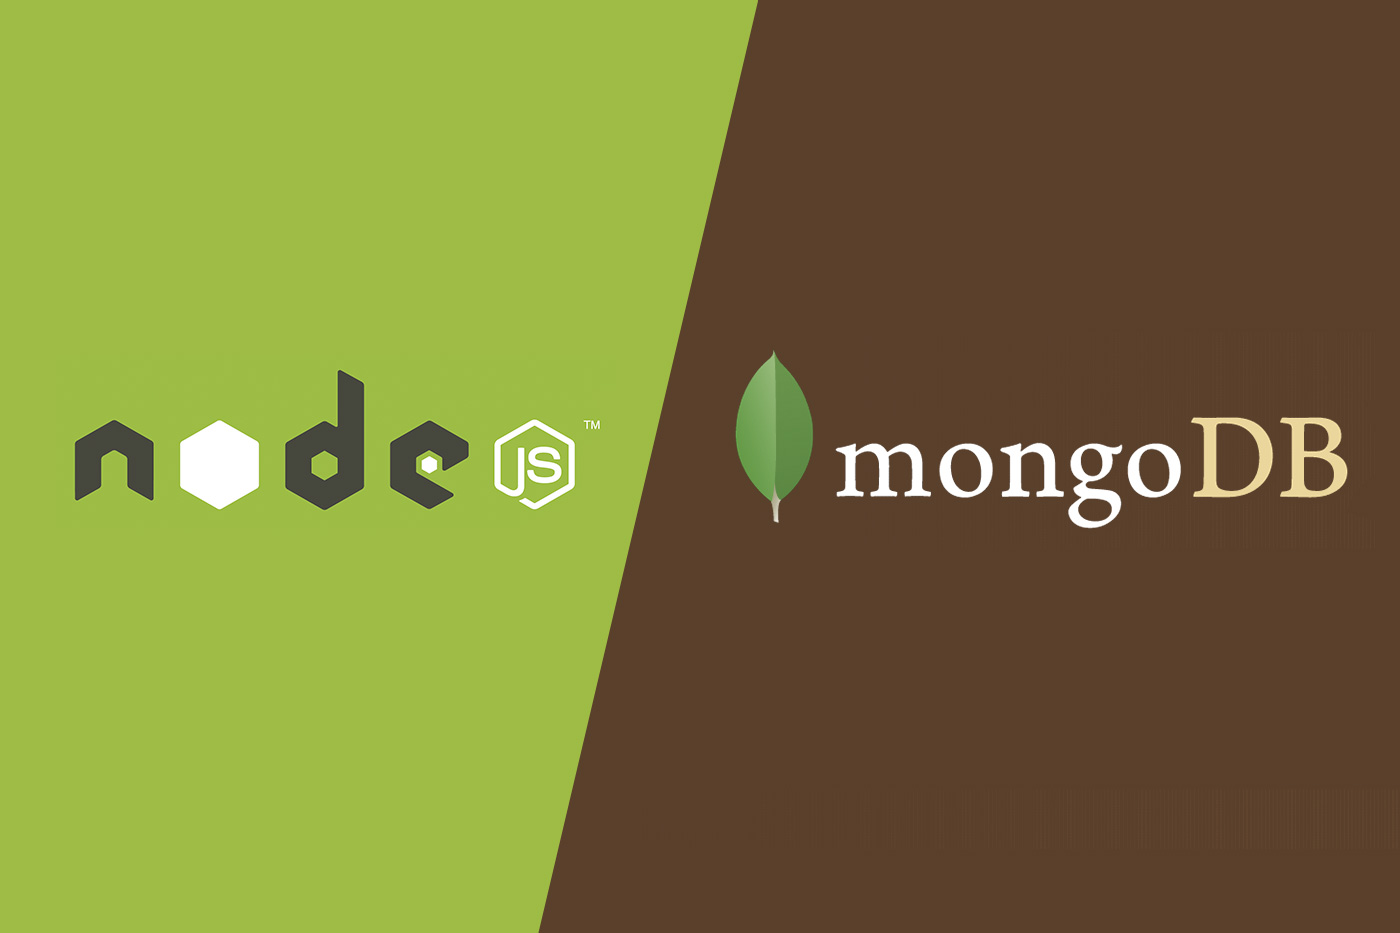 Node.JS and MongoDB logos